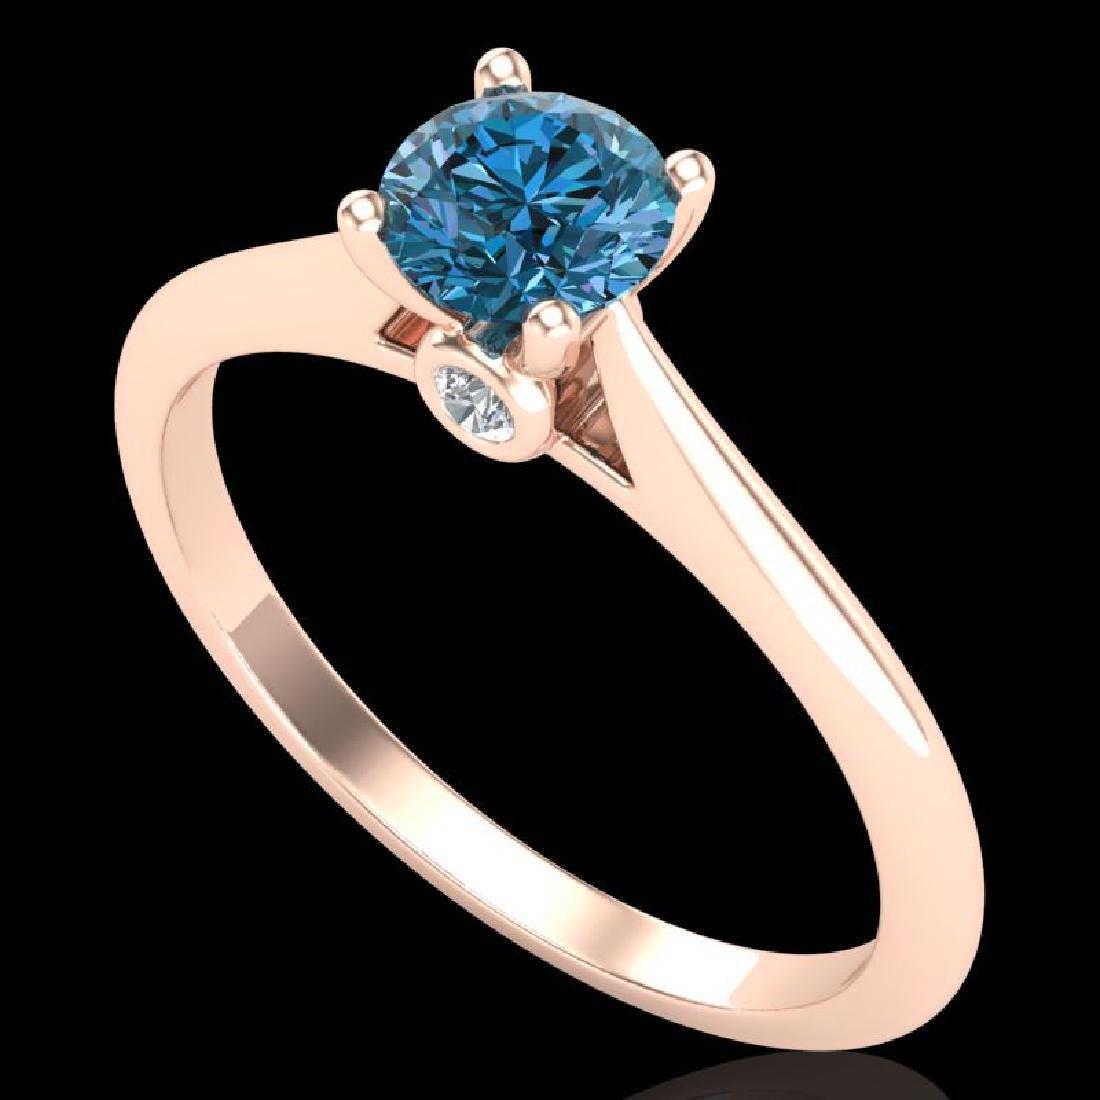 0.56 CTW Fancy Intense Blue Diamond Solitaire Art Deco